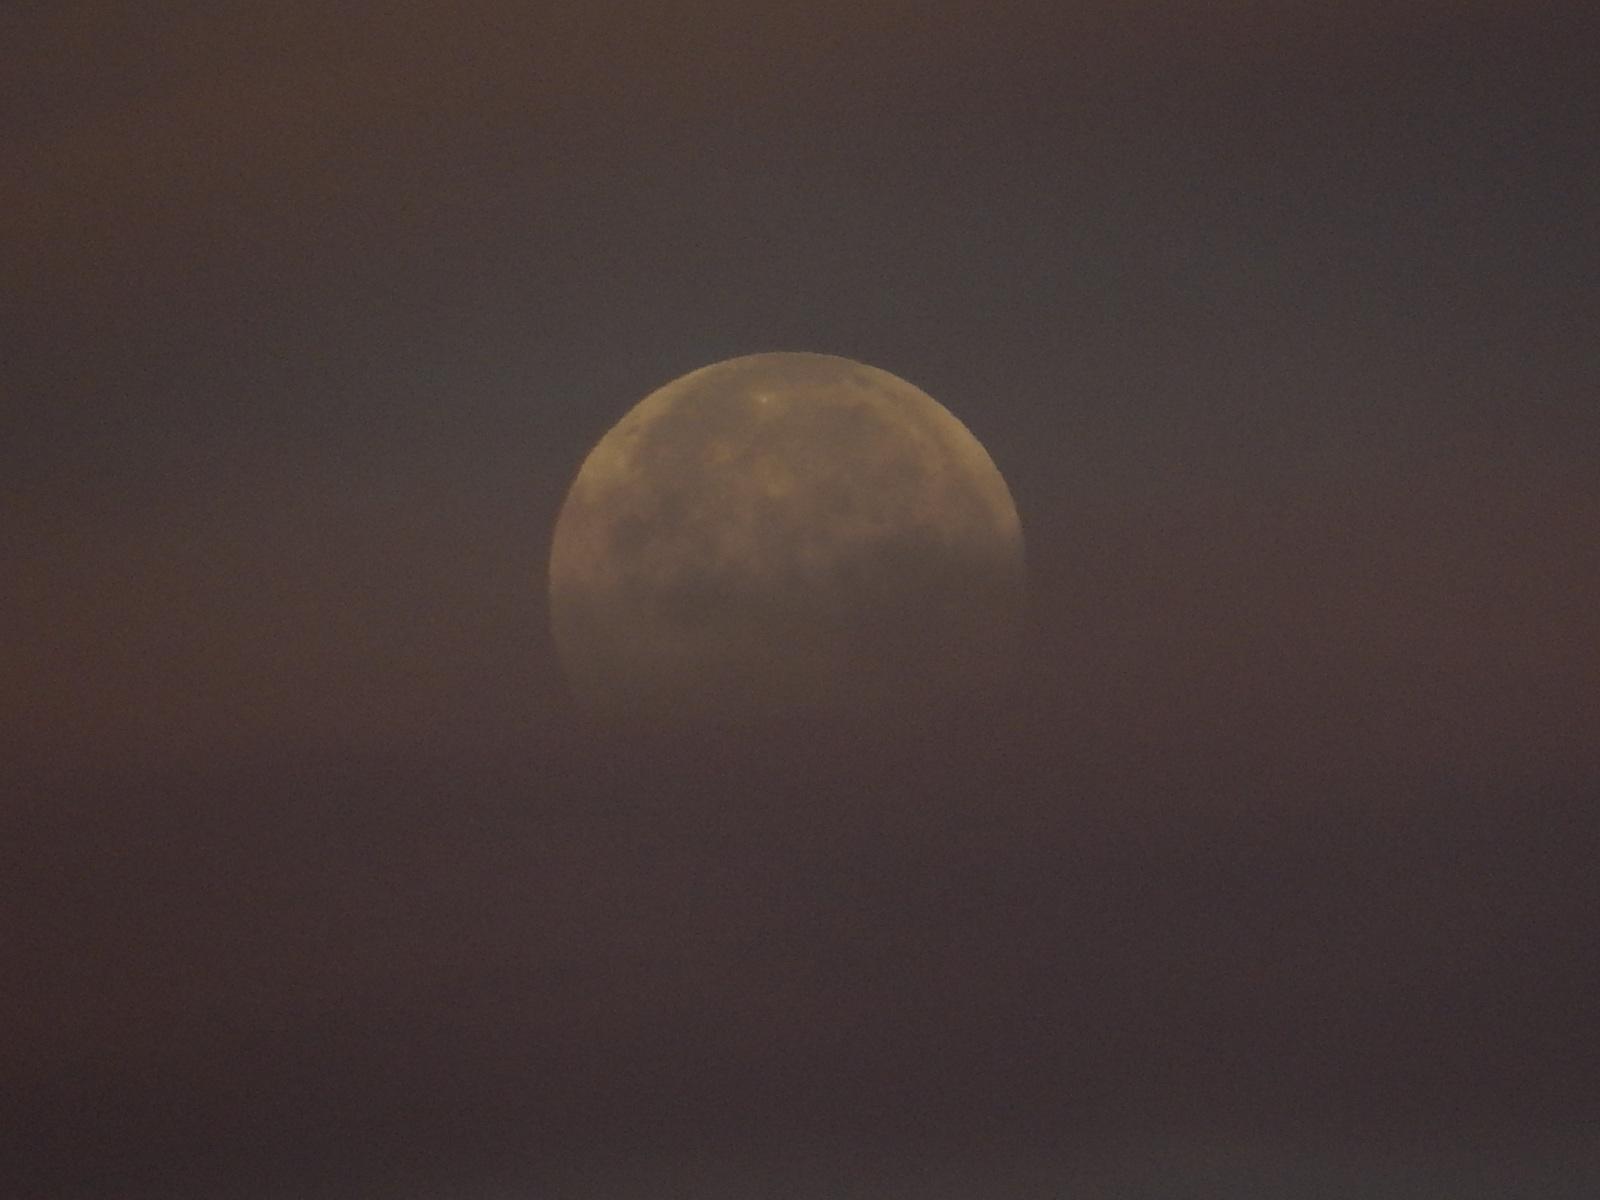 雲間から覗く満月